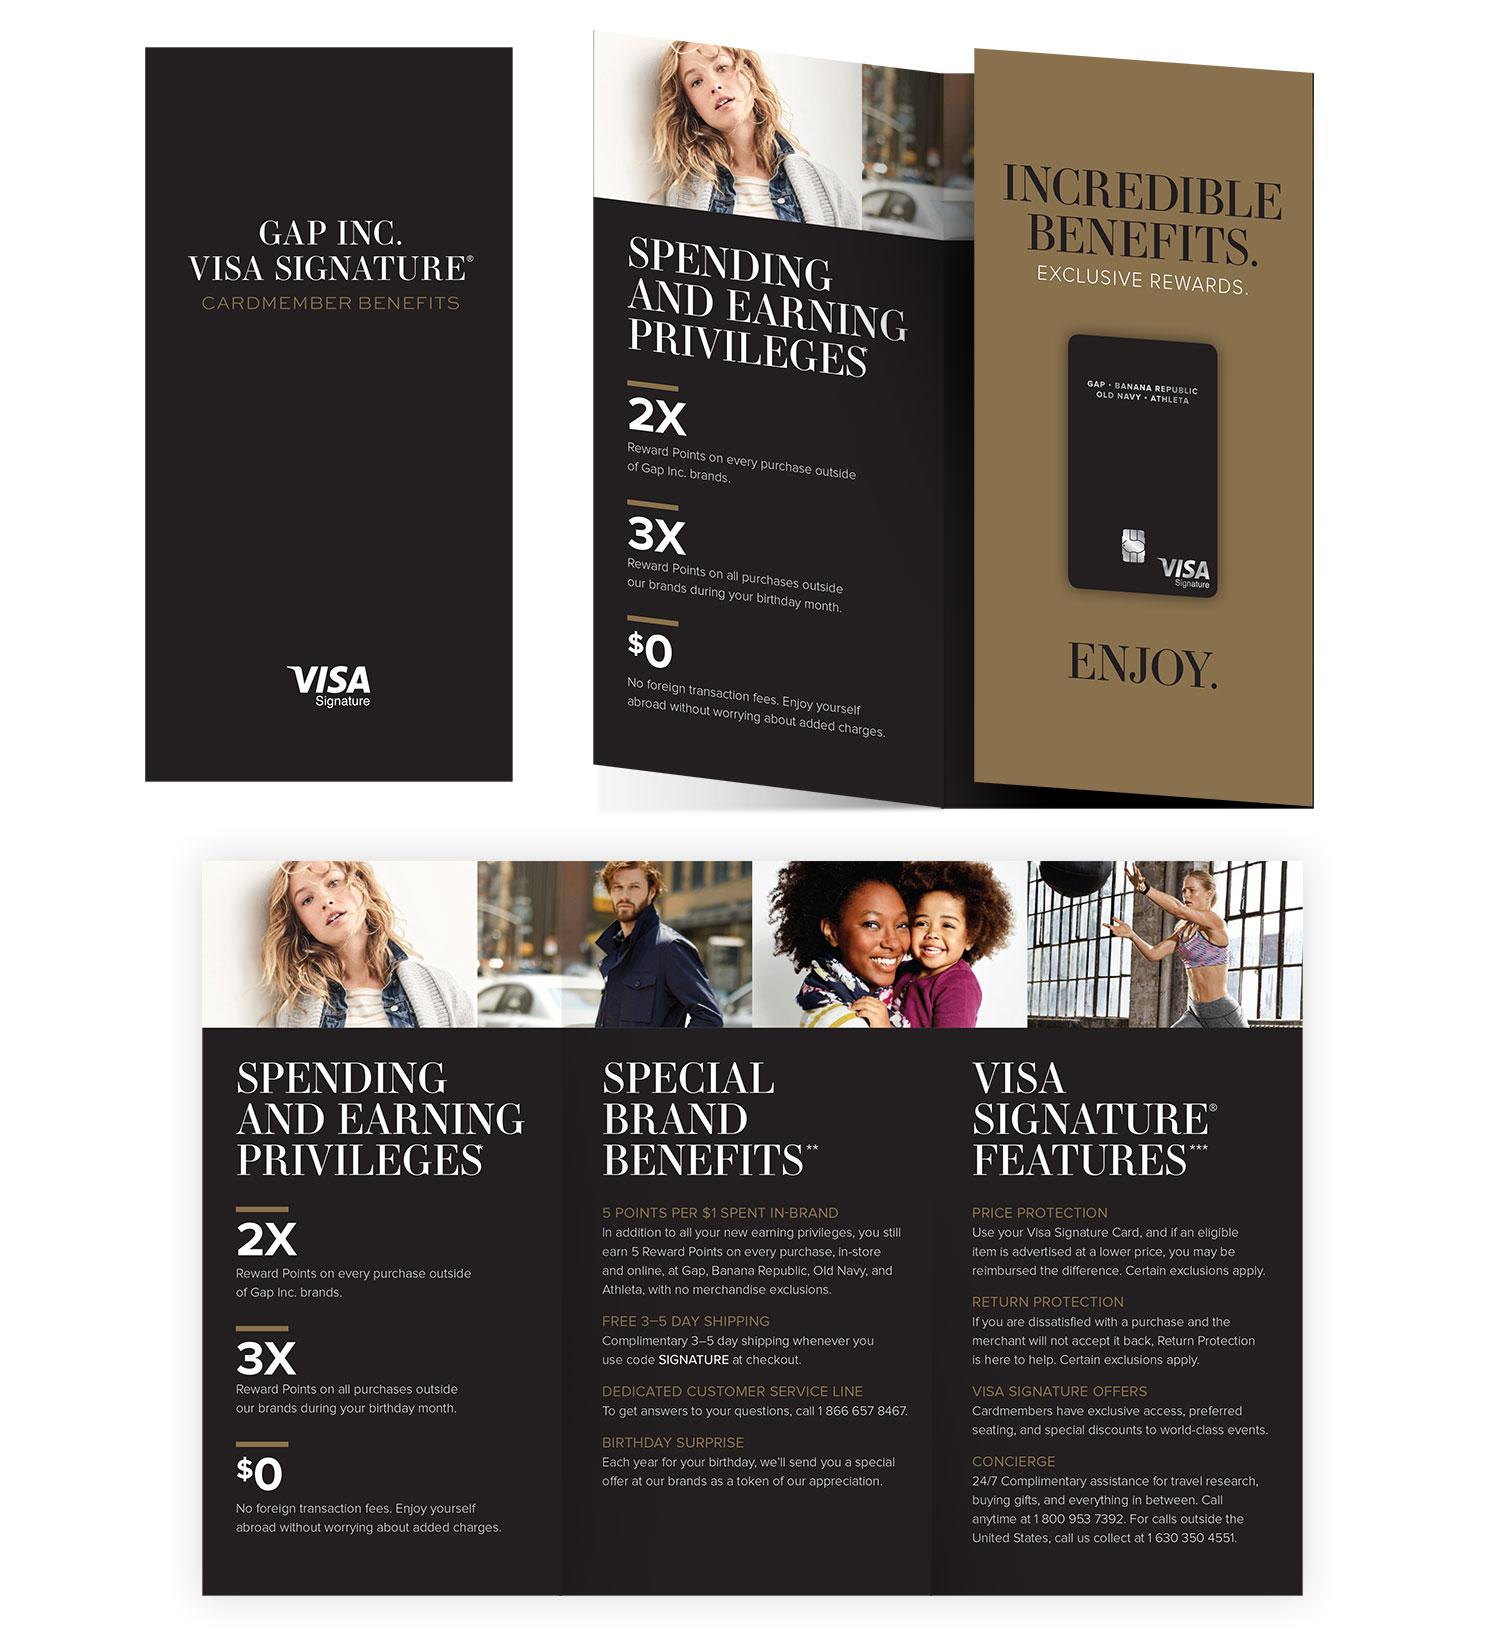 GAP24716-VisaCard-Carrier_Brochure_1500-2.jpg